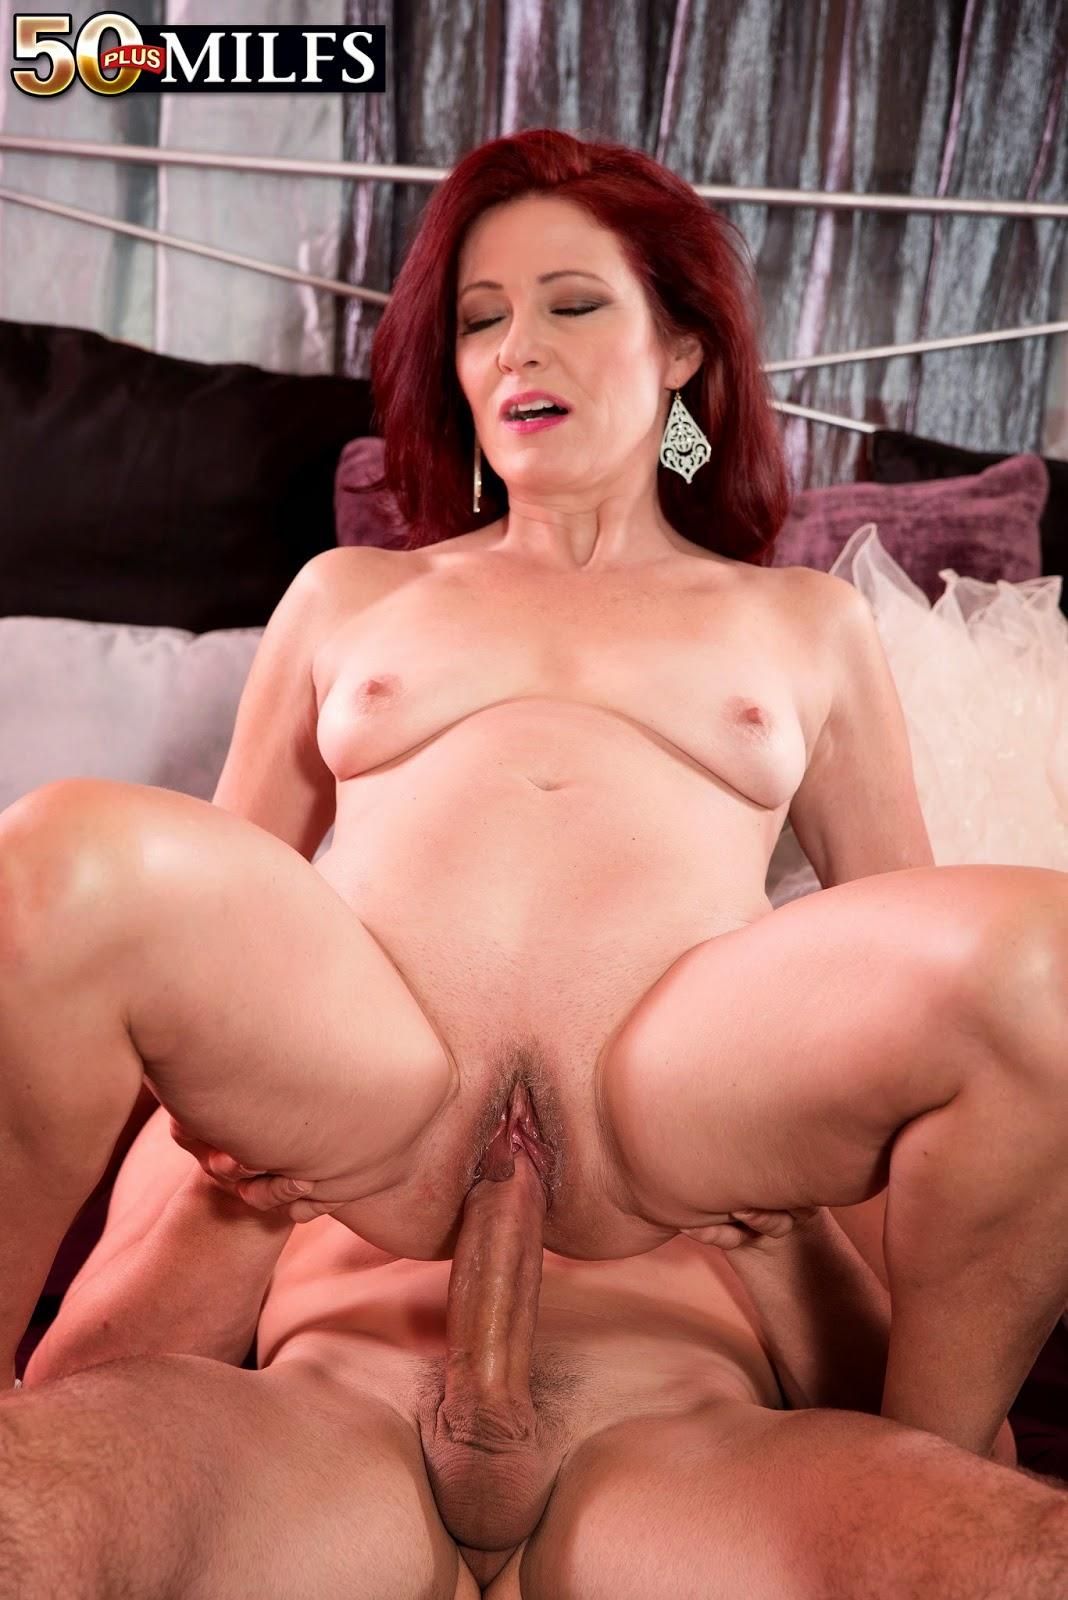 Sasha karr nude